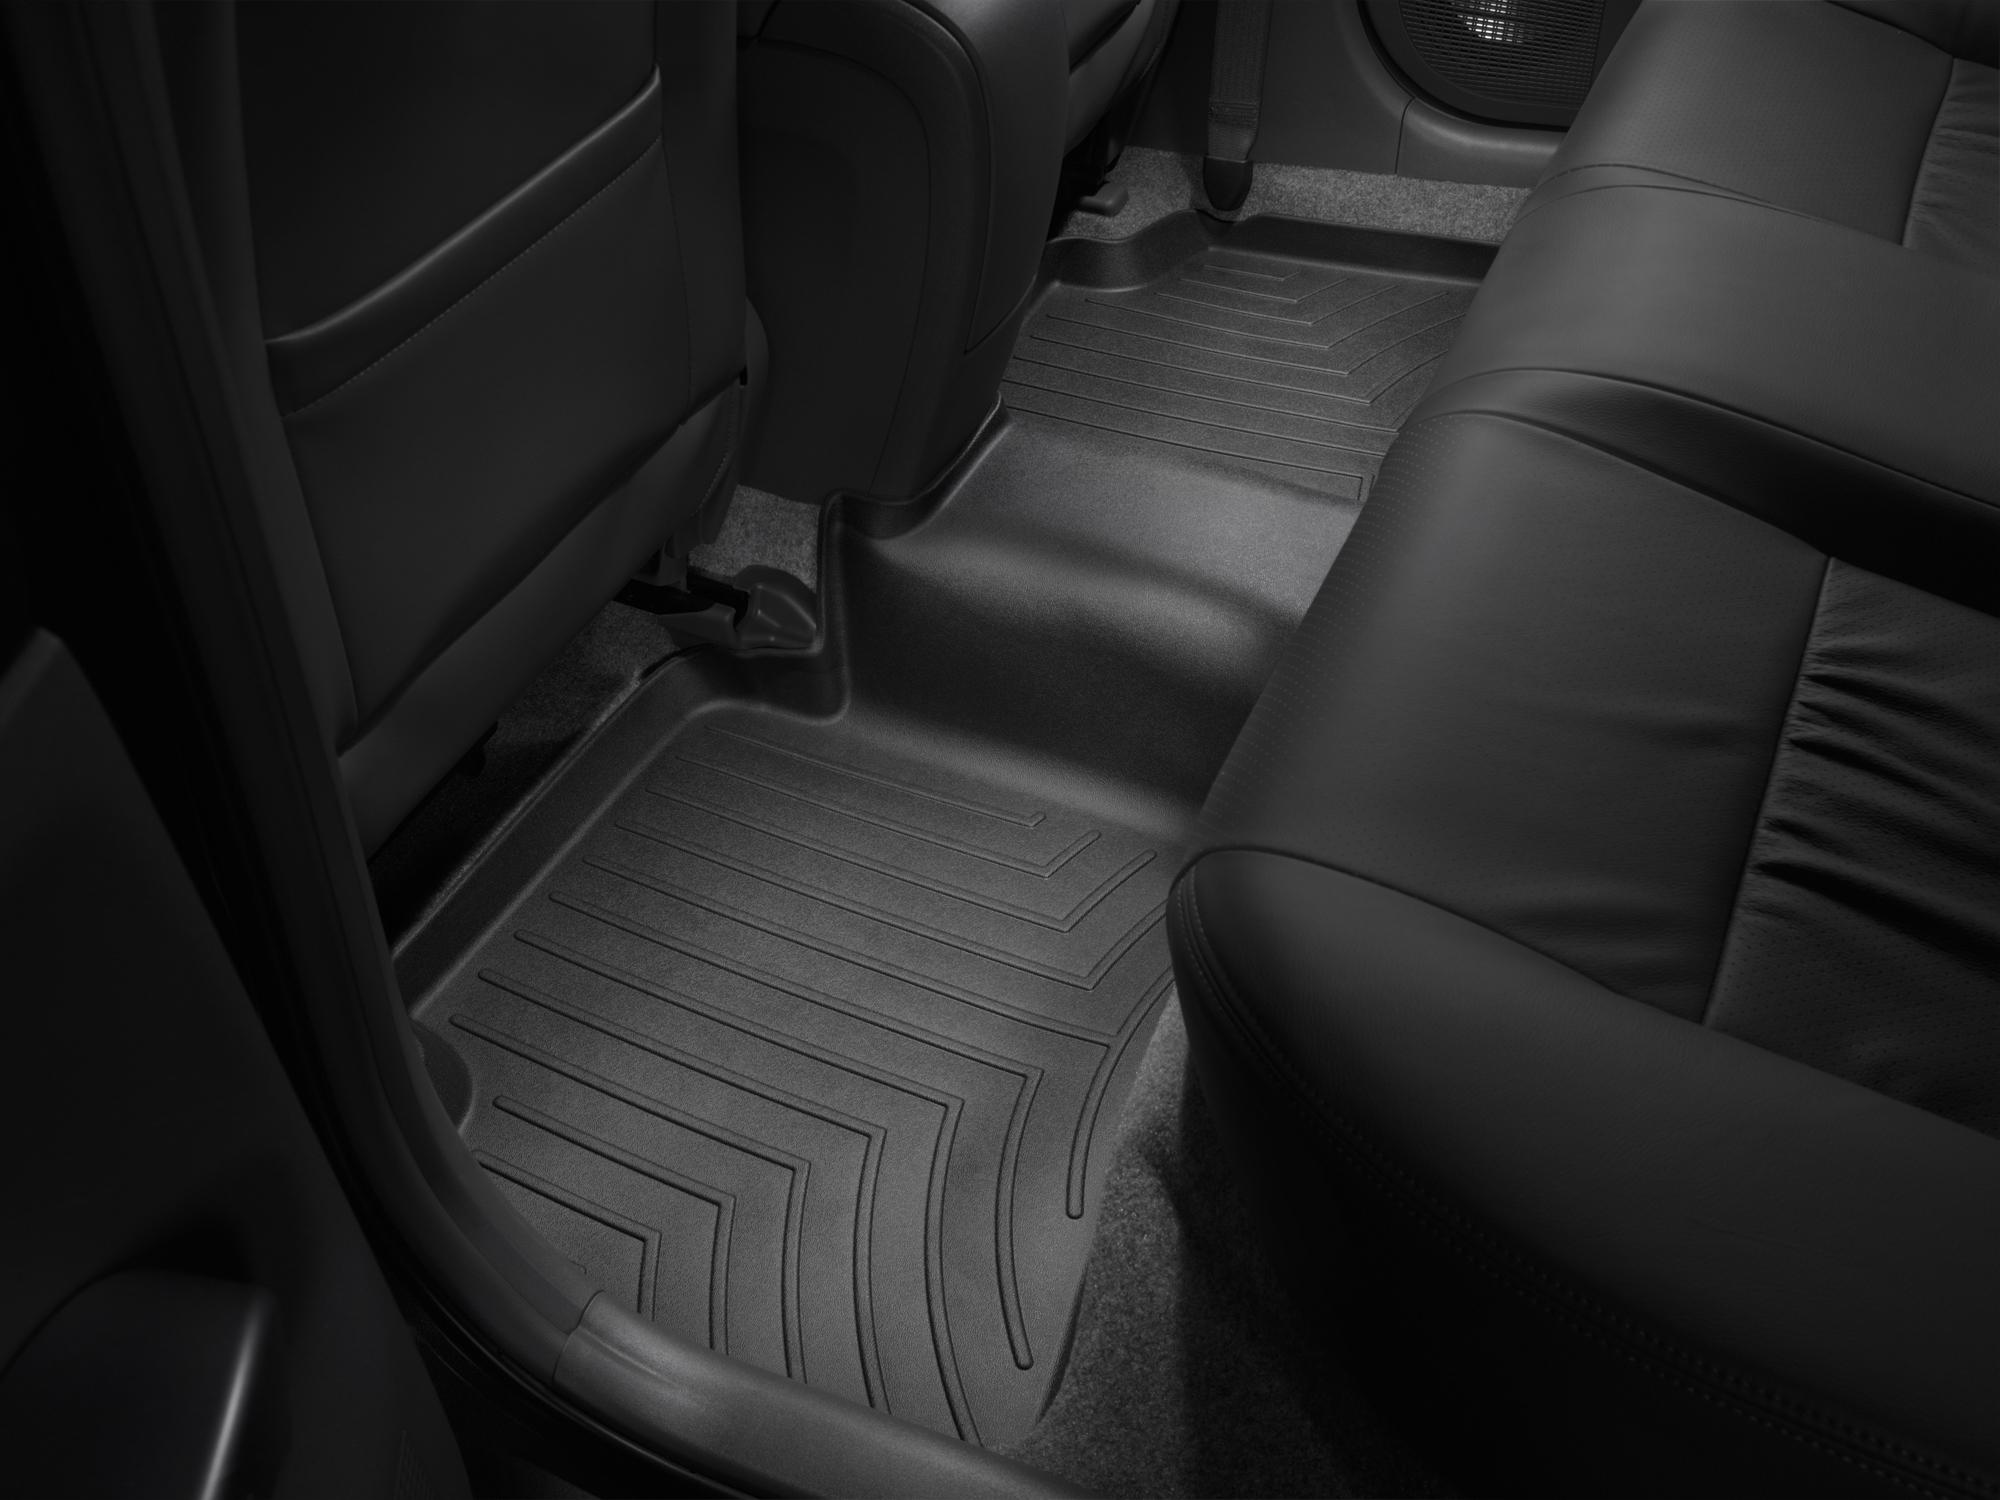 Tappeti gomma su misura bordo alto Toyota Prius 09>09 Nero A3751*